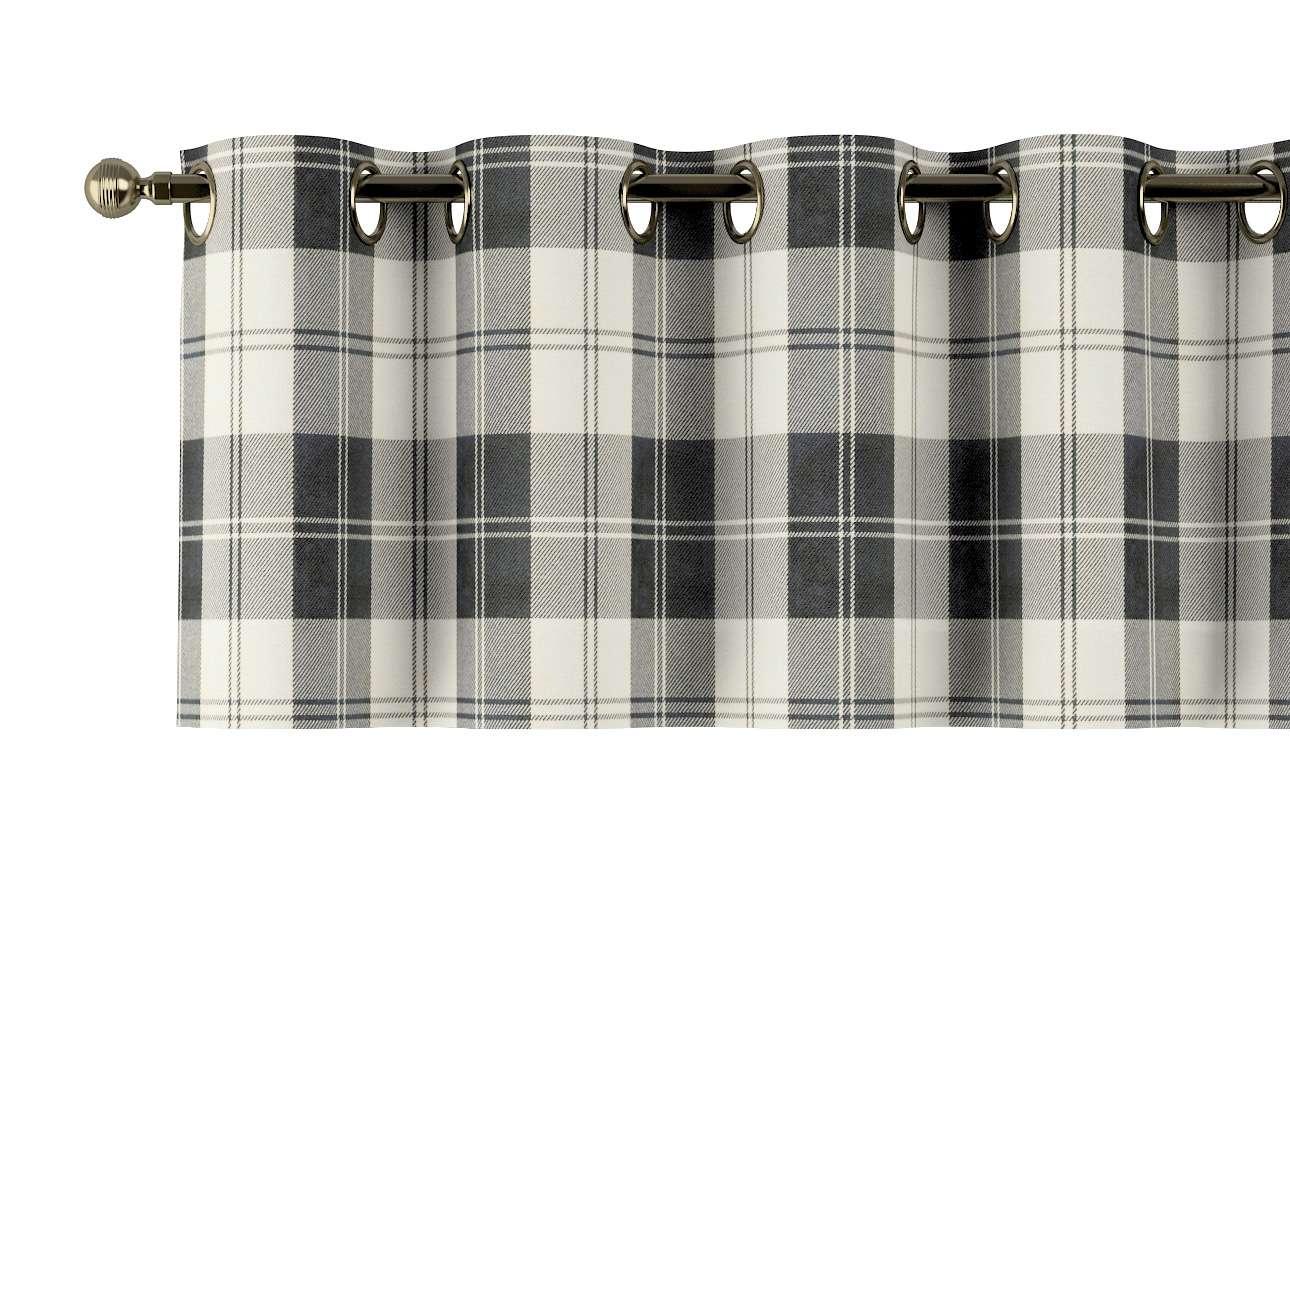 Lambrekin na kółkach 130x40cm w kolekcji Edinburgh, tkanina: 115-74